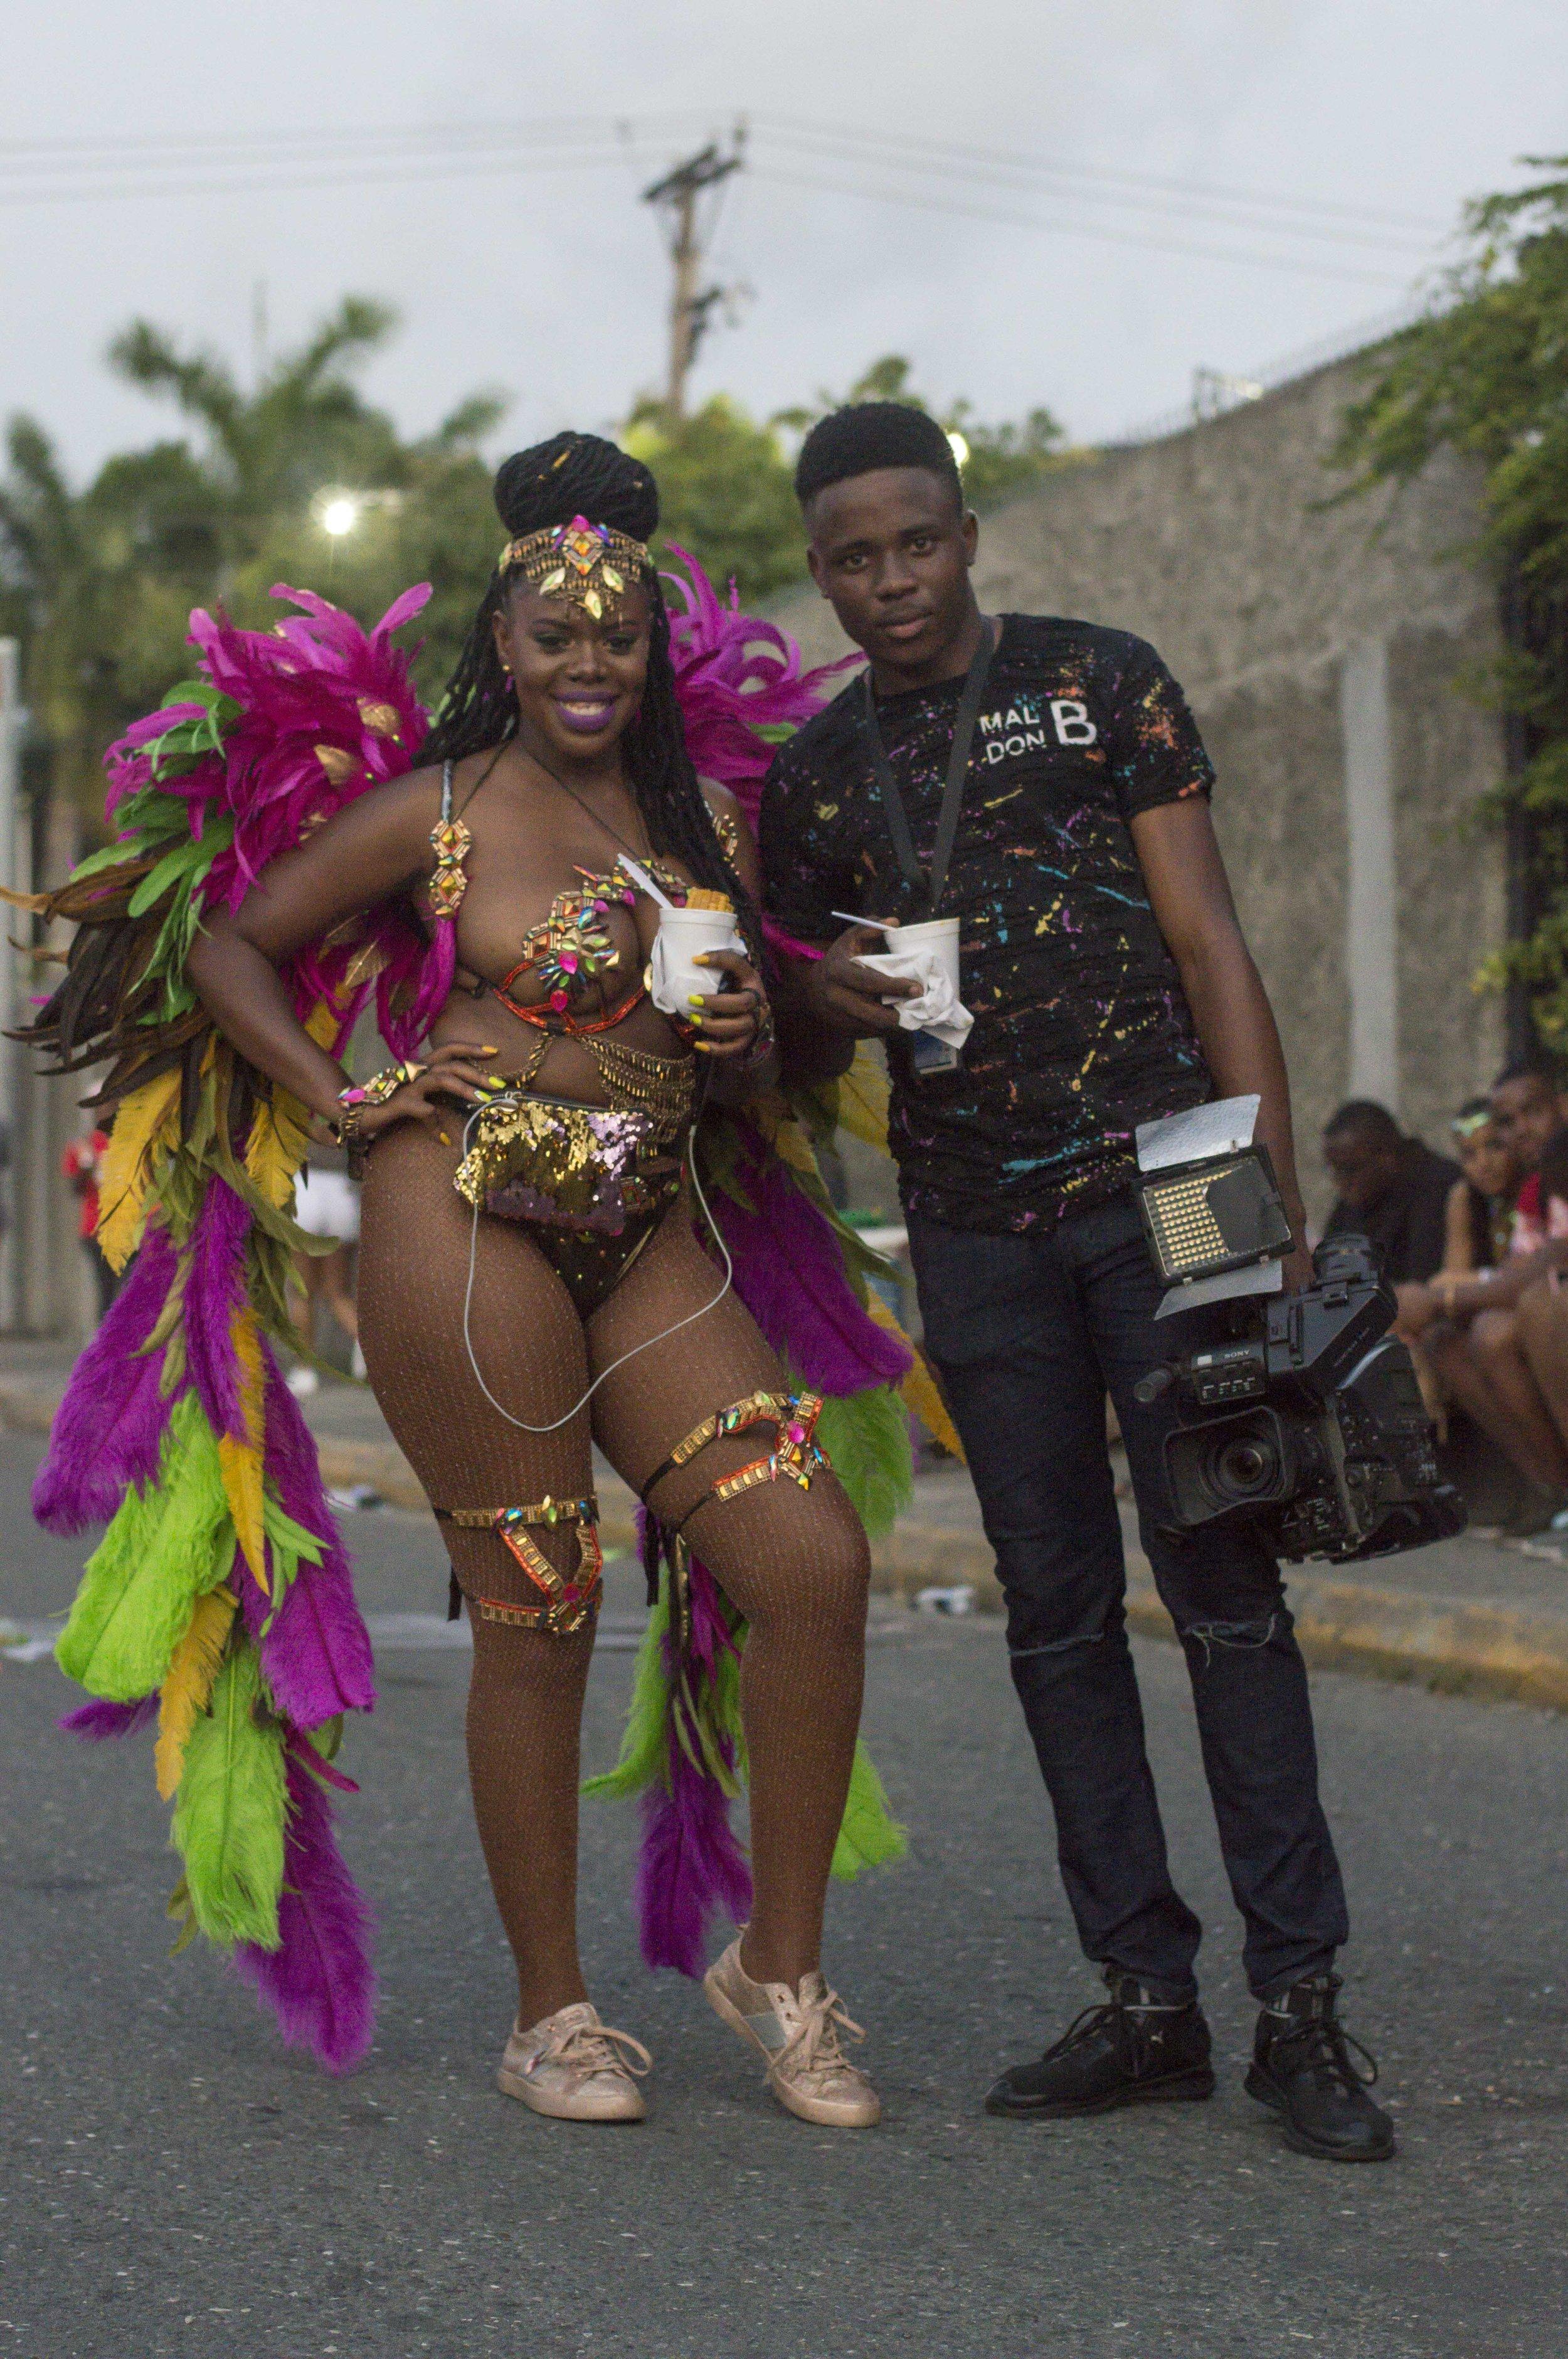 carnival2019_jeanalindo-109.jpg